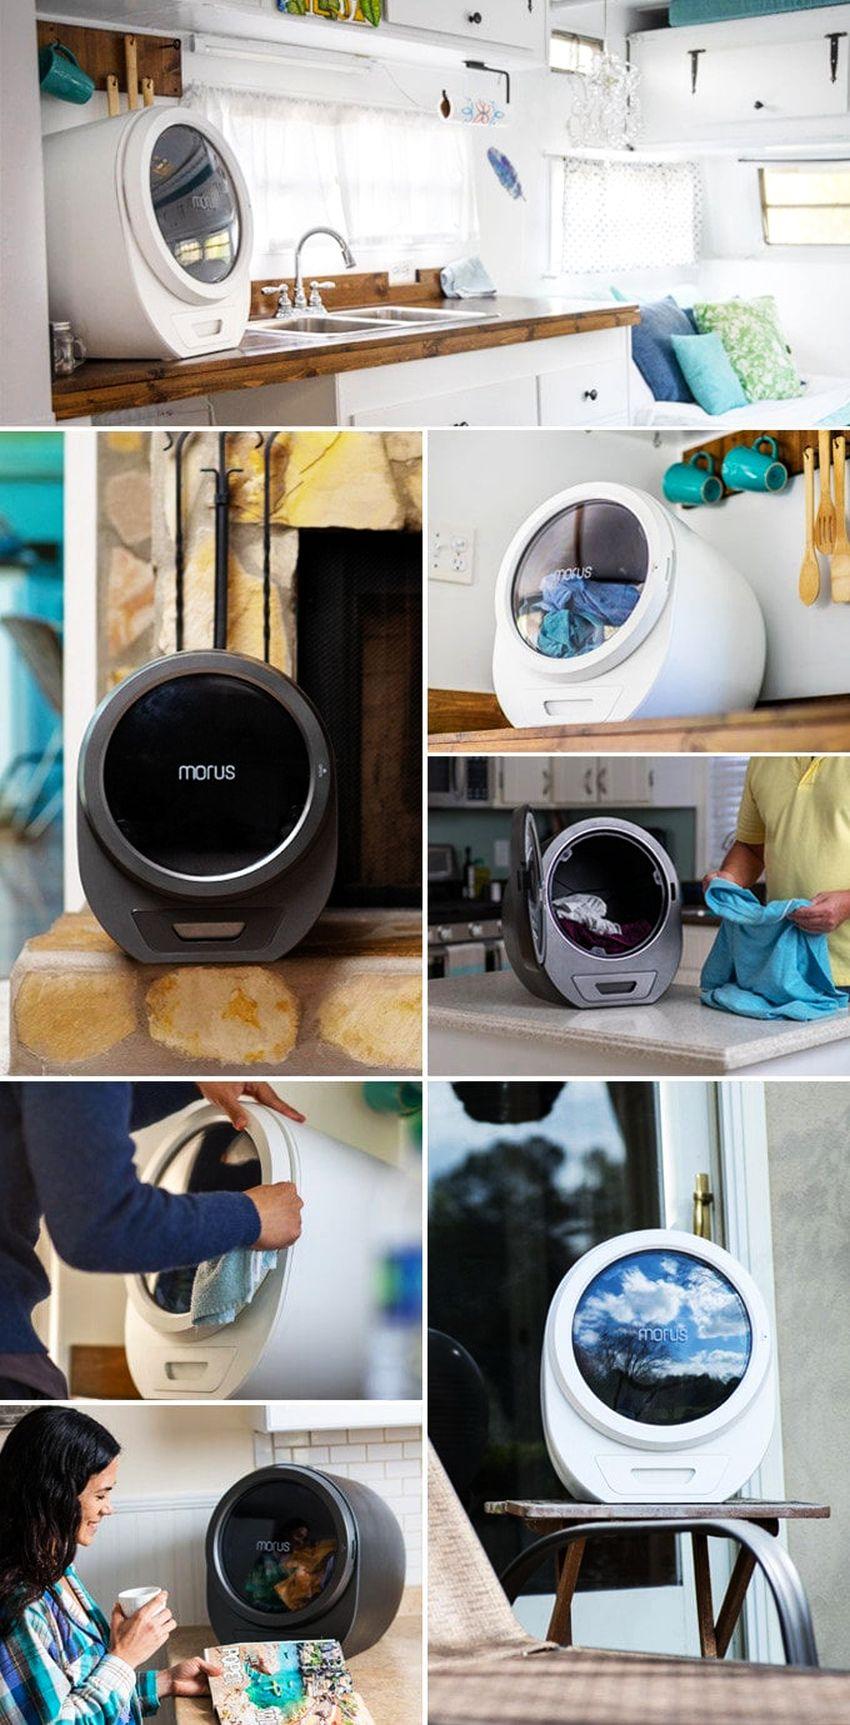 morus-zero-tumble-dryer